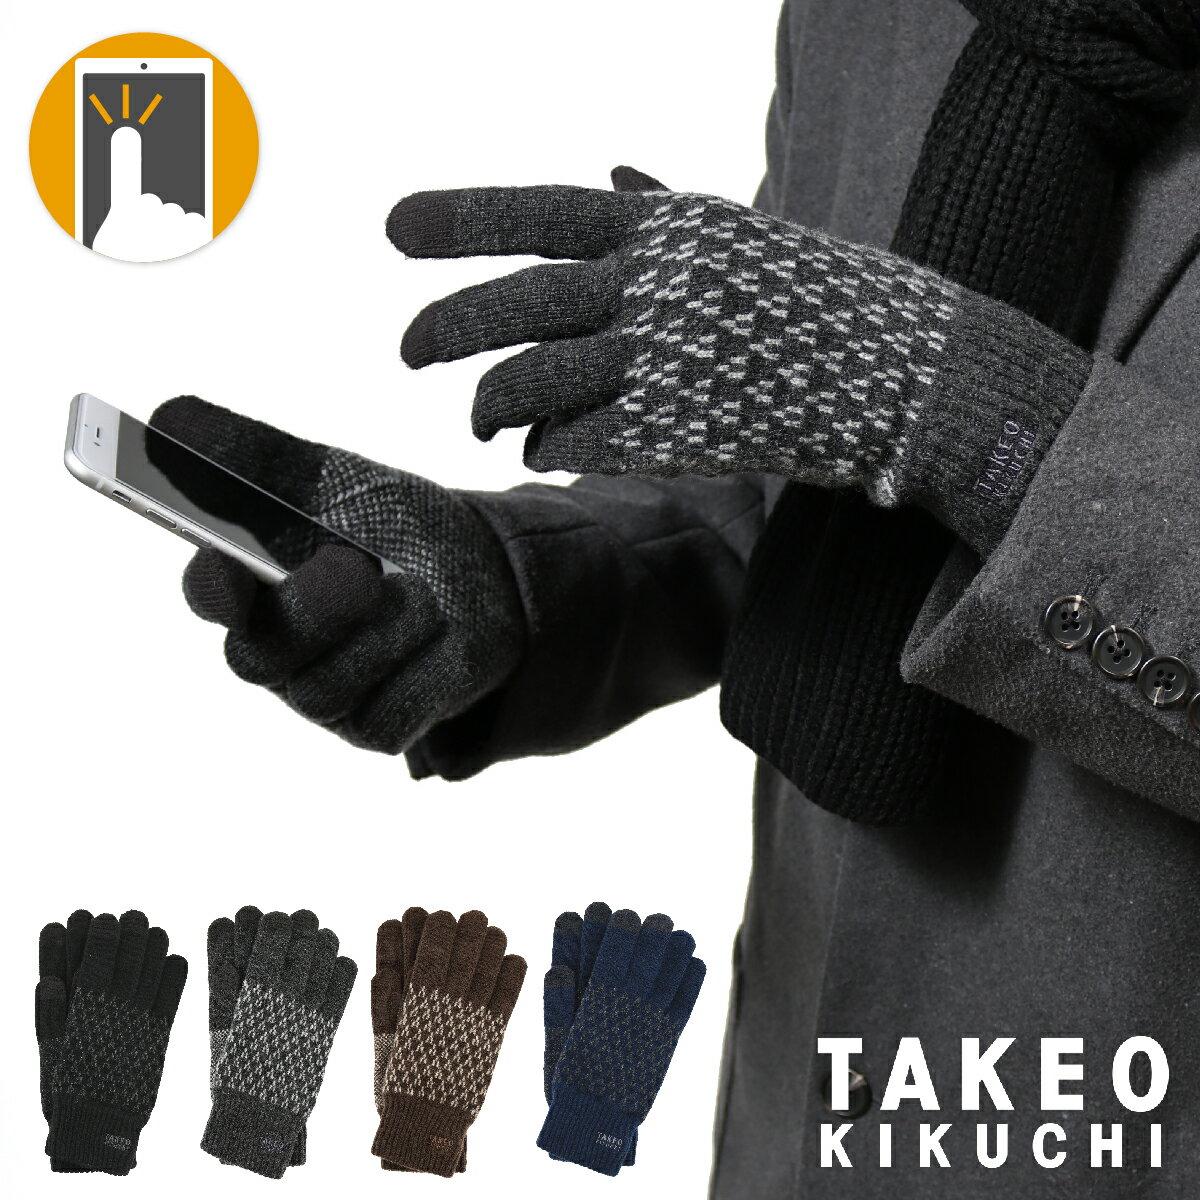 タケオキクチ 手袋 メンズ tk-4038 TAKEO KIKUCHI | 日本製 スマートフォン対応 秋冬 防寒 [PO5][初売り][即日発送]